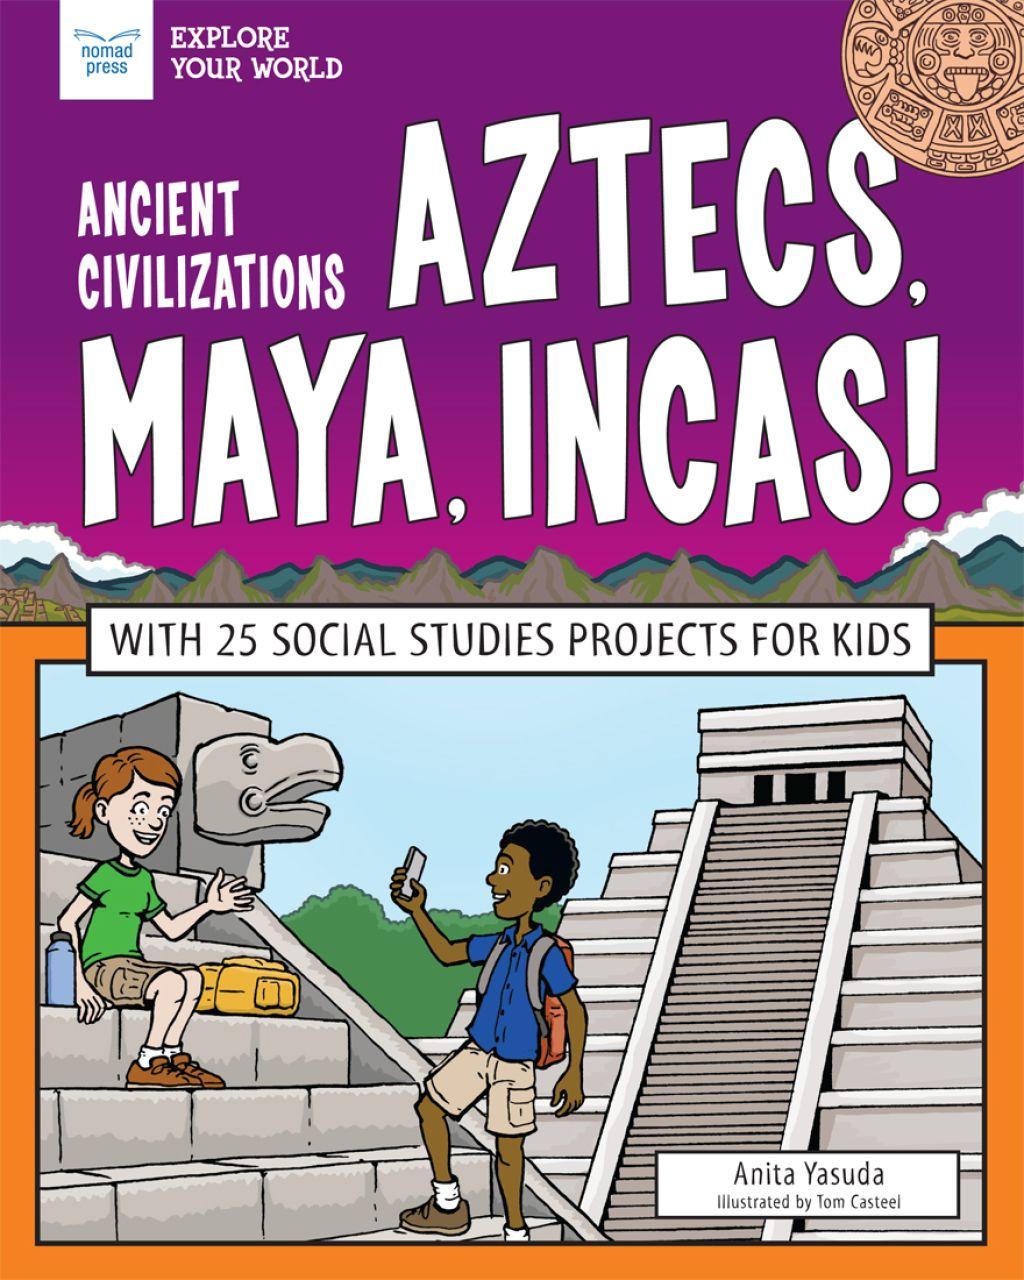 Ancient Civilizations Aztecs Maya Incas Ebook